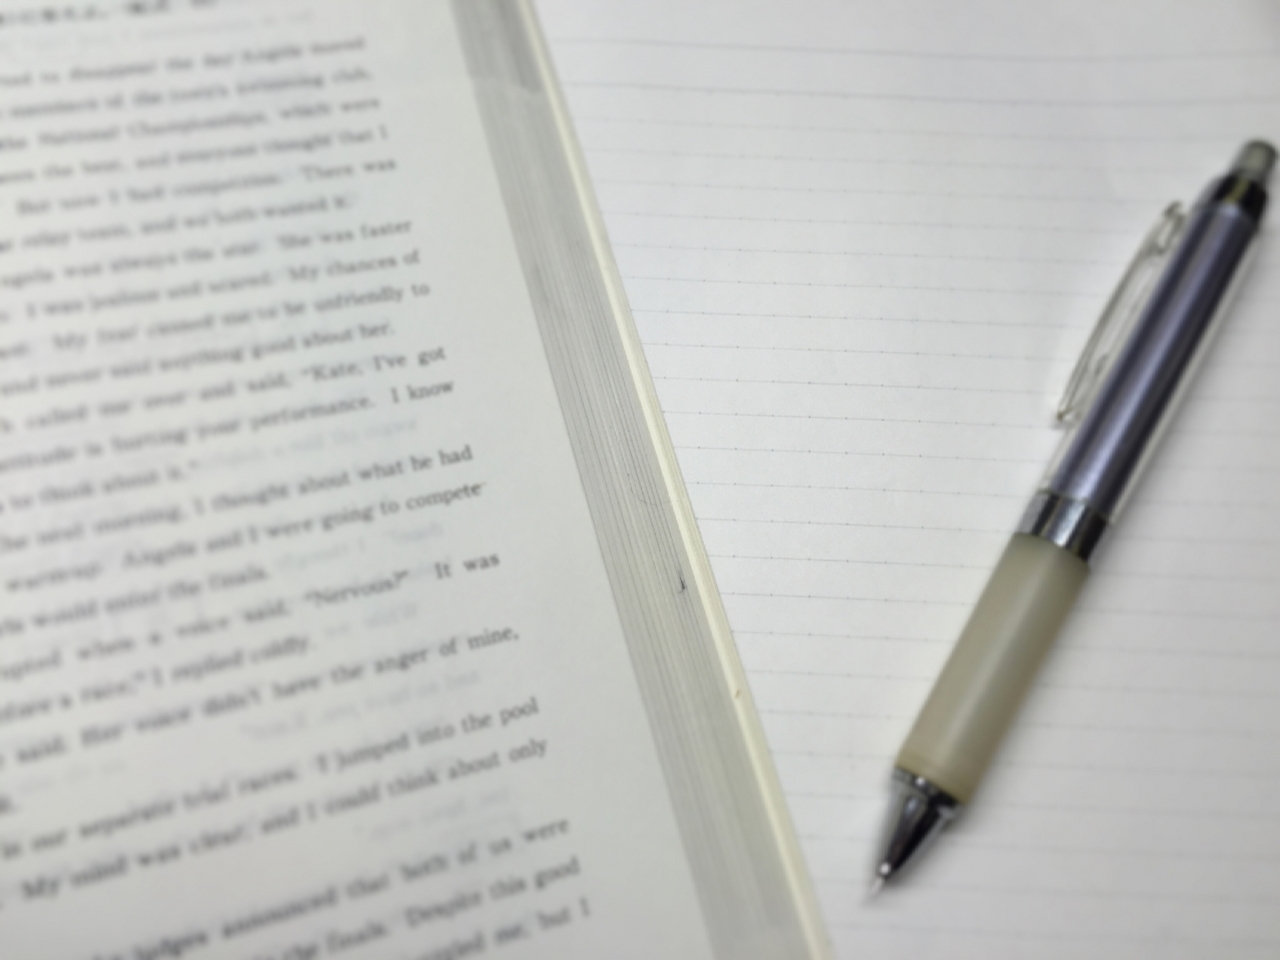 英語外部試験、ずばりおすすめはコレ!予約締め切り11月11日までに延長